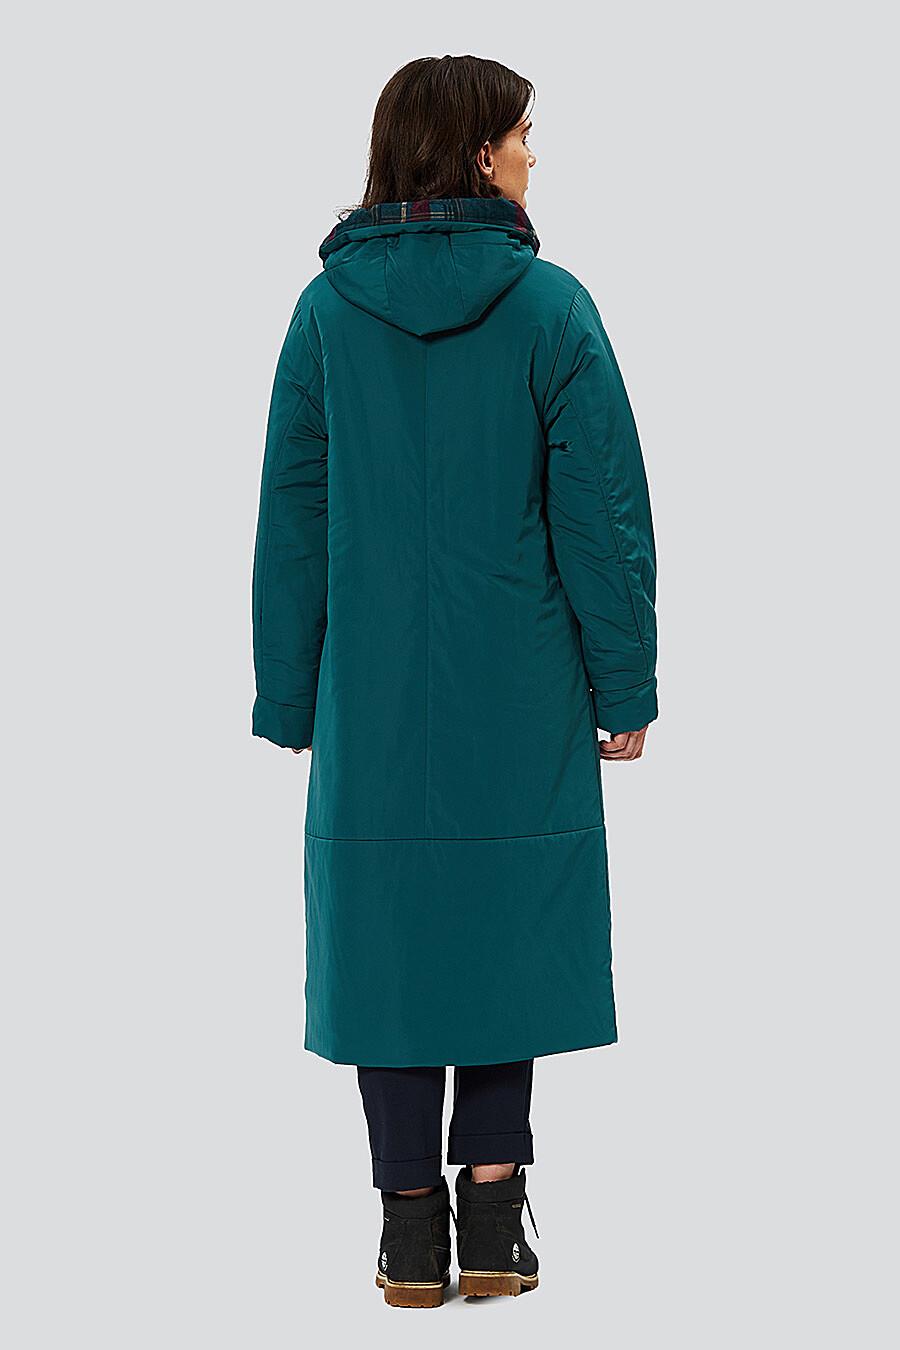 Пальто DIMMA (700717), купить в Moyo.moda